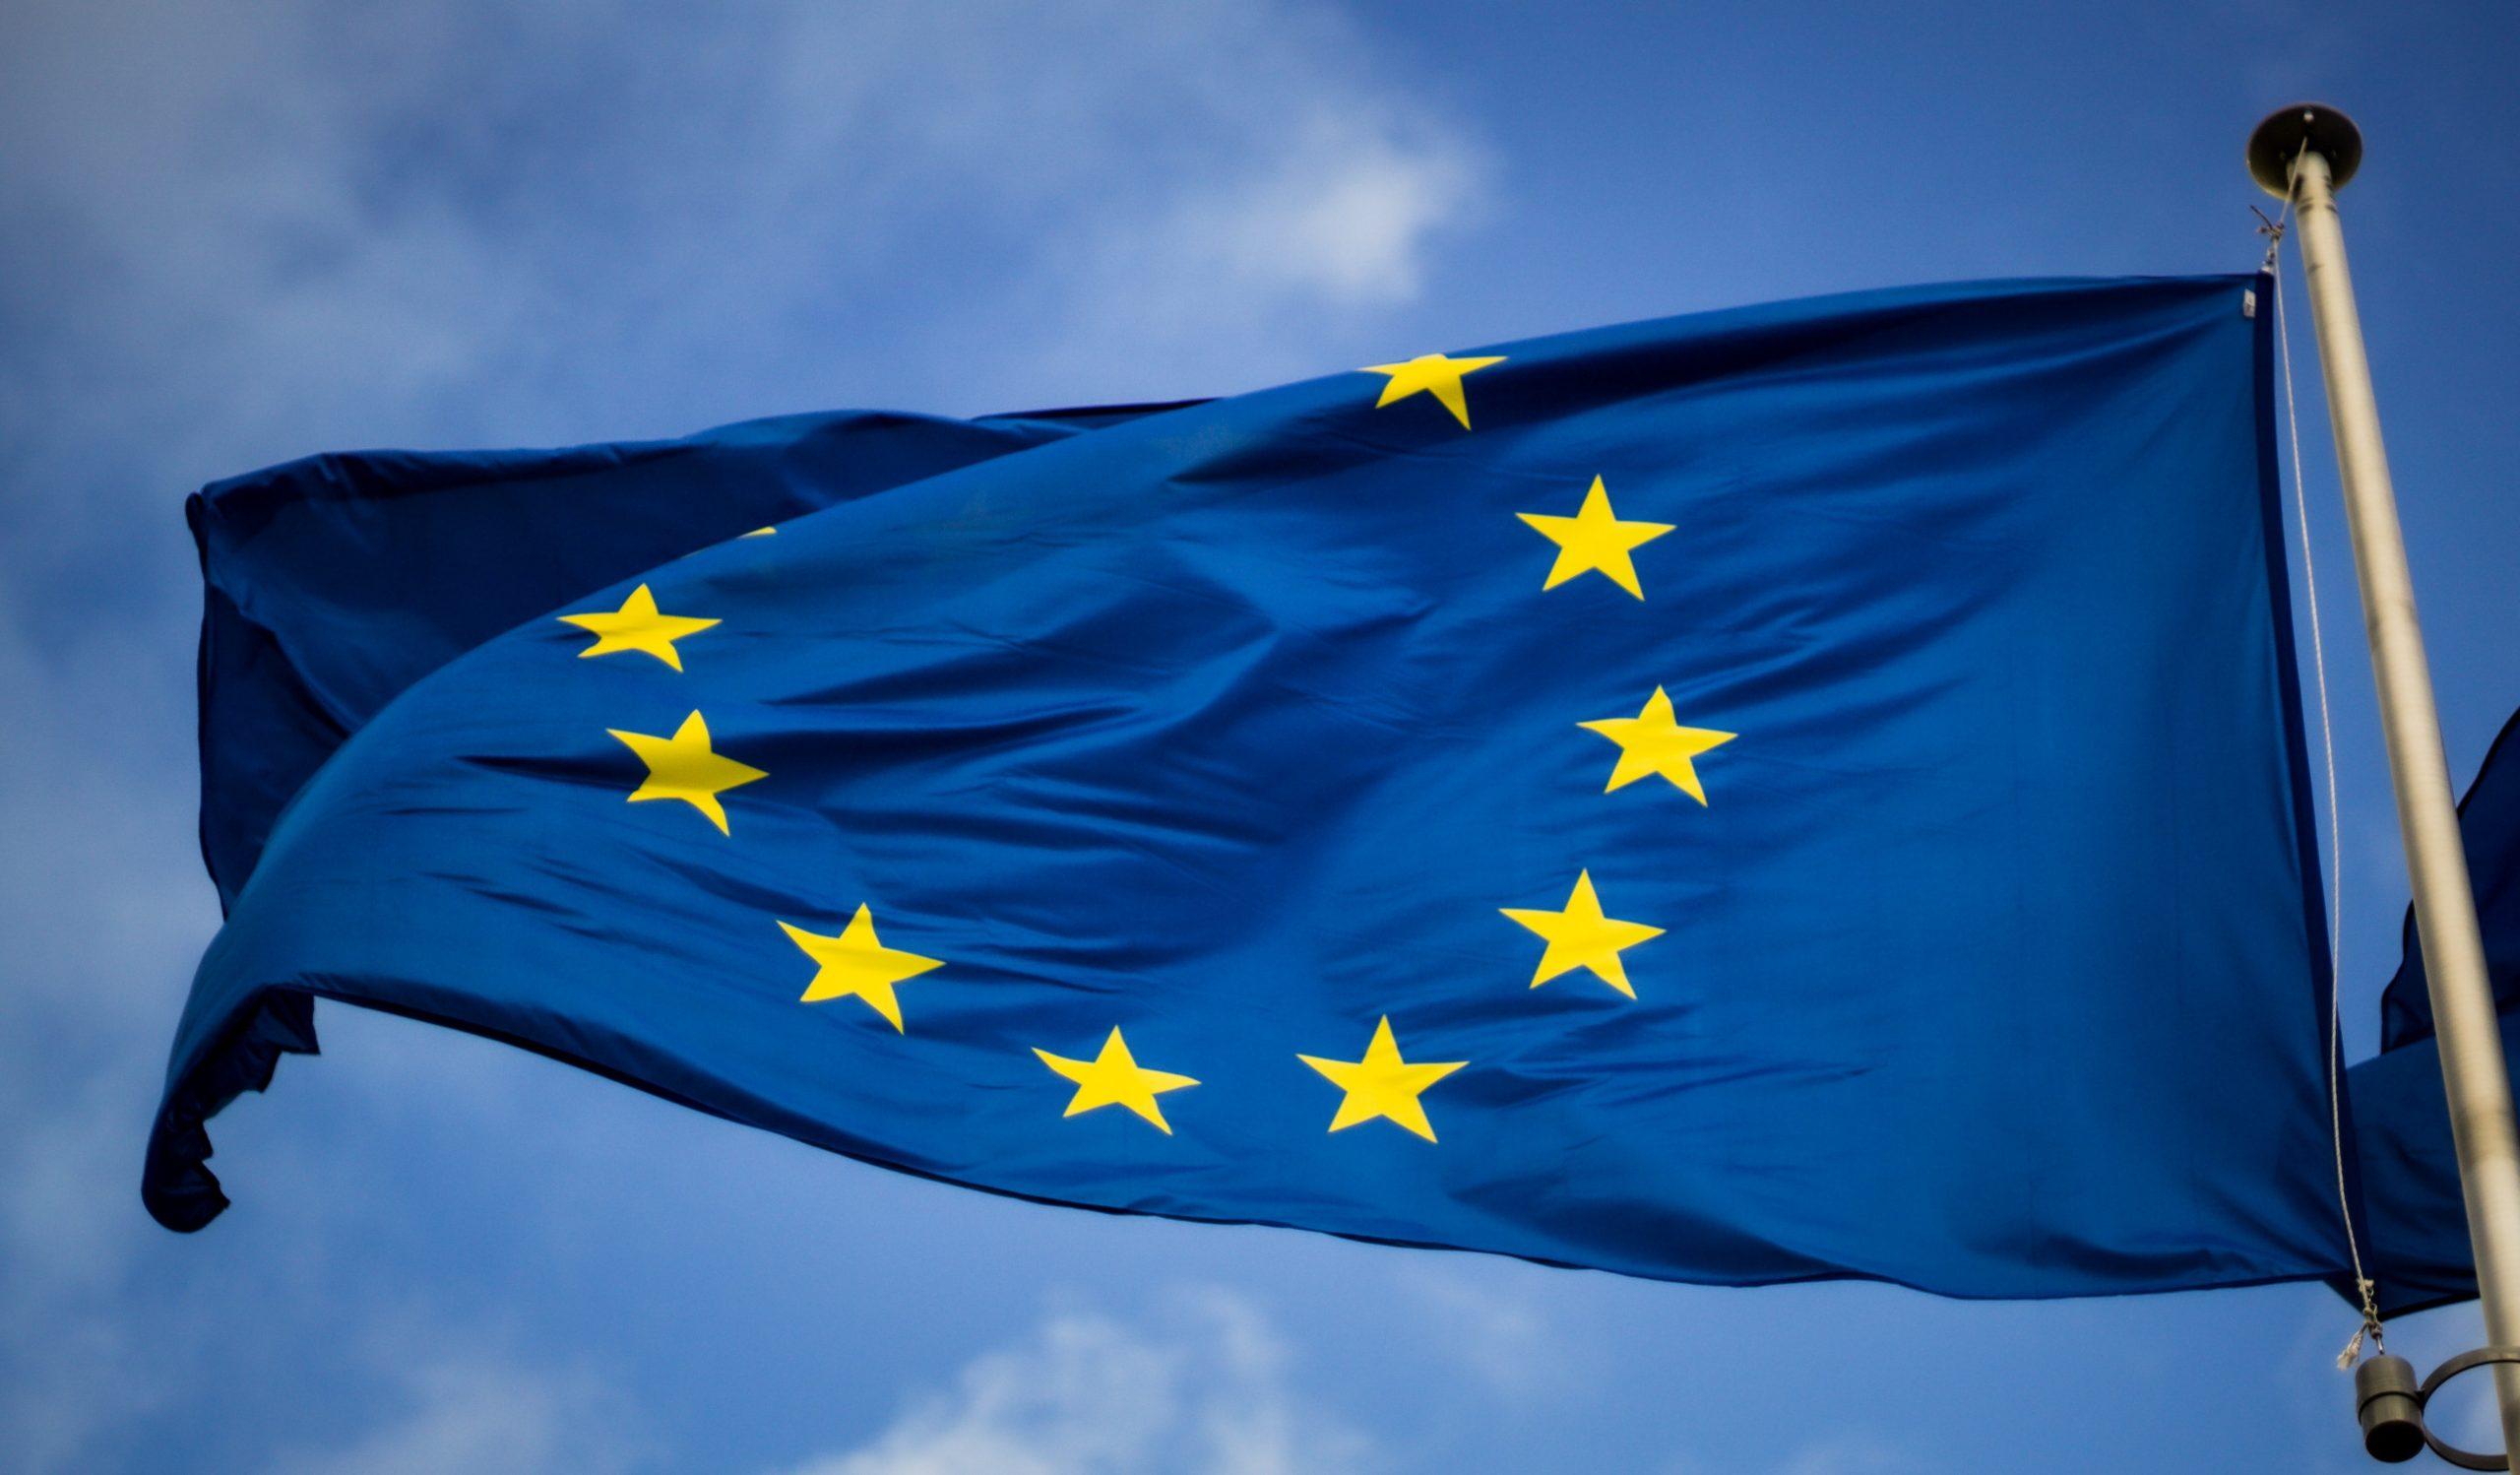 Conseil des Ministres des Affaires étrangères de l'Union européenne : conclusions